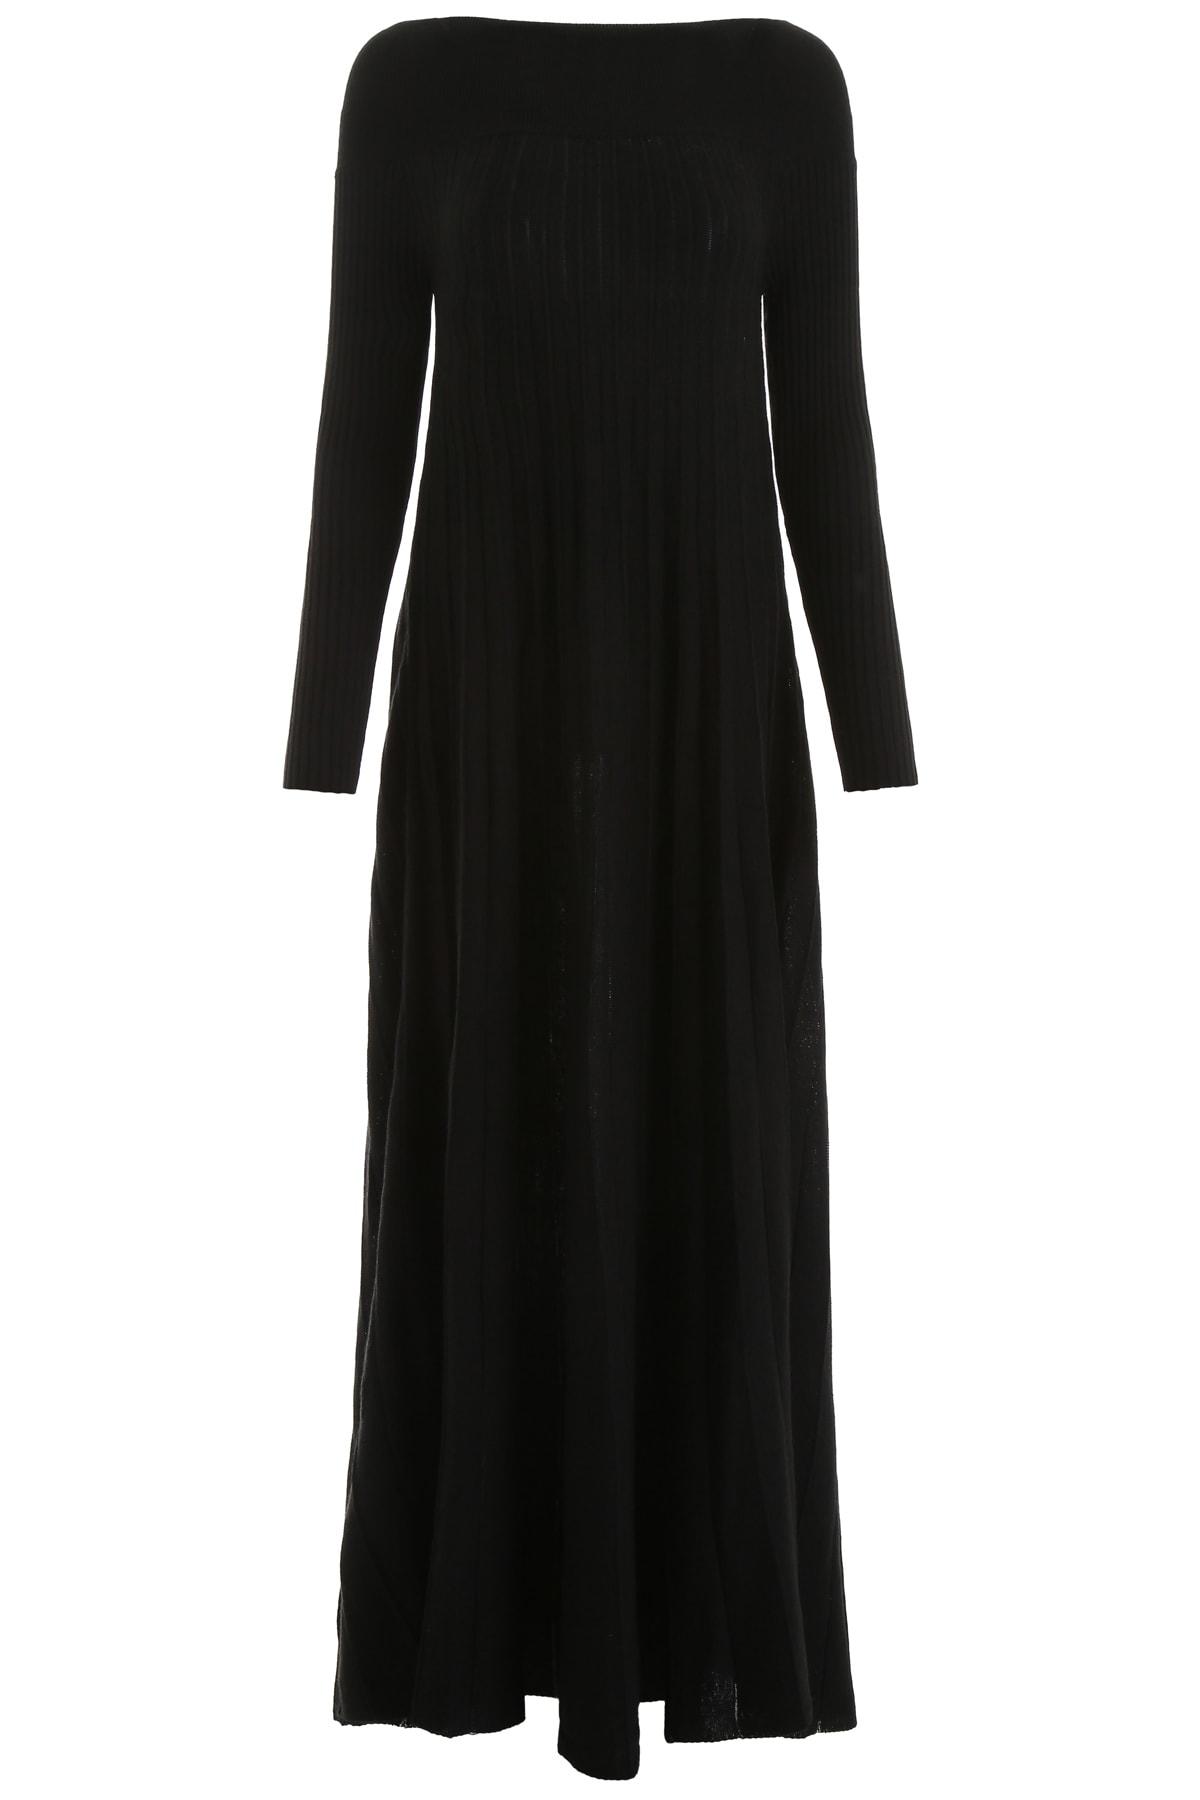 LAutre Chose Knit Dress